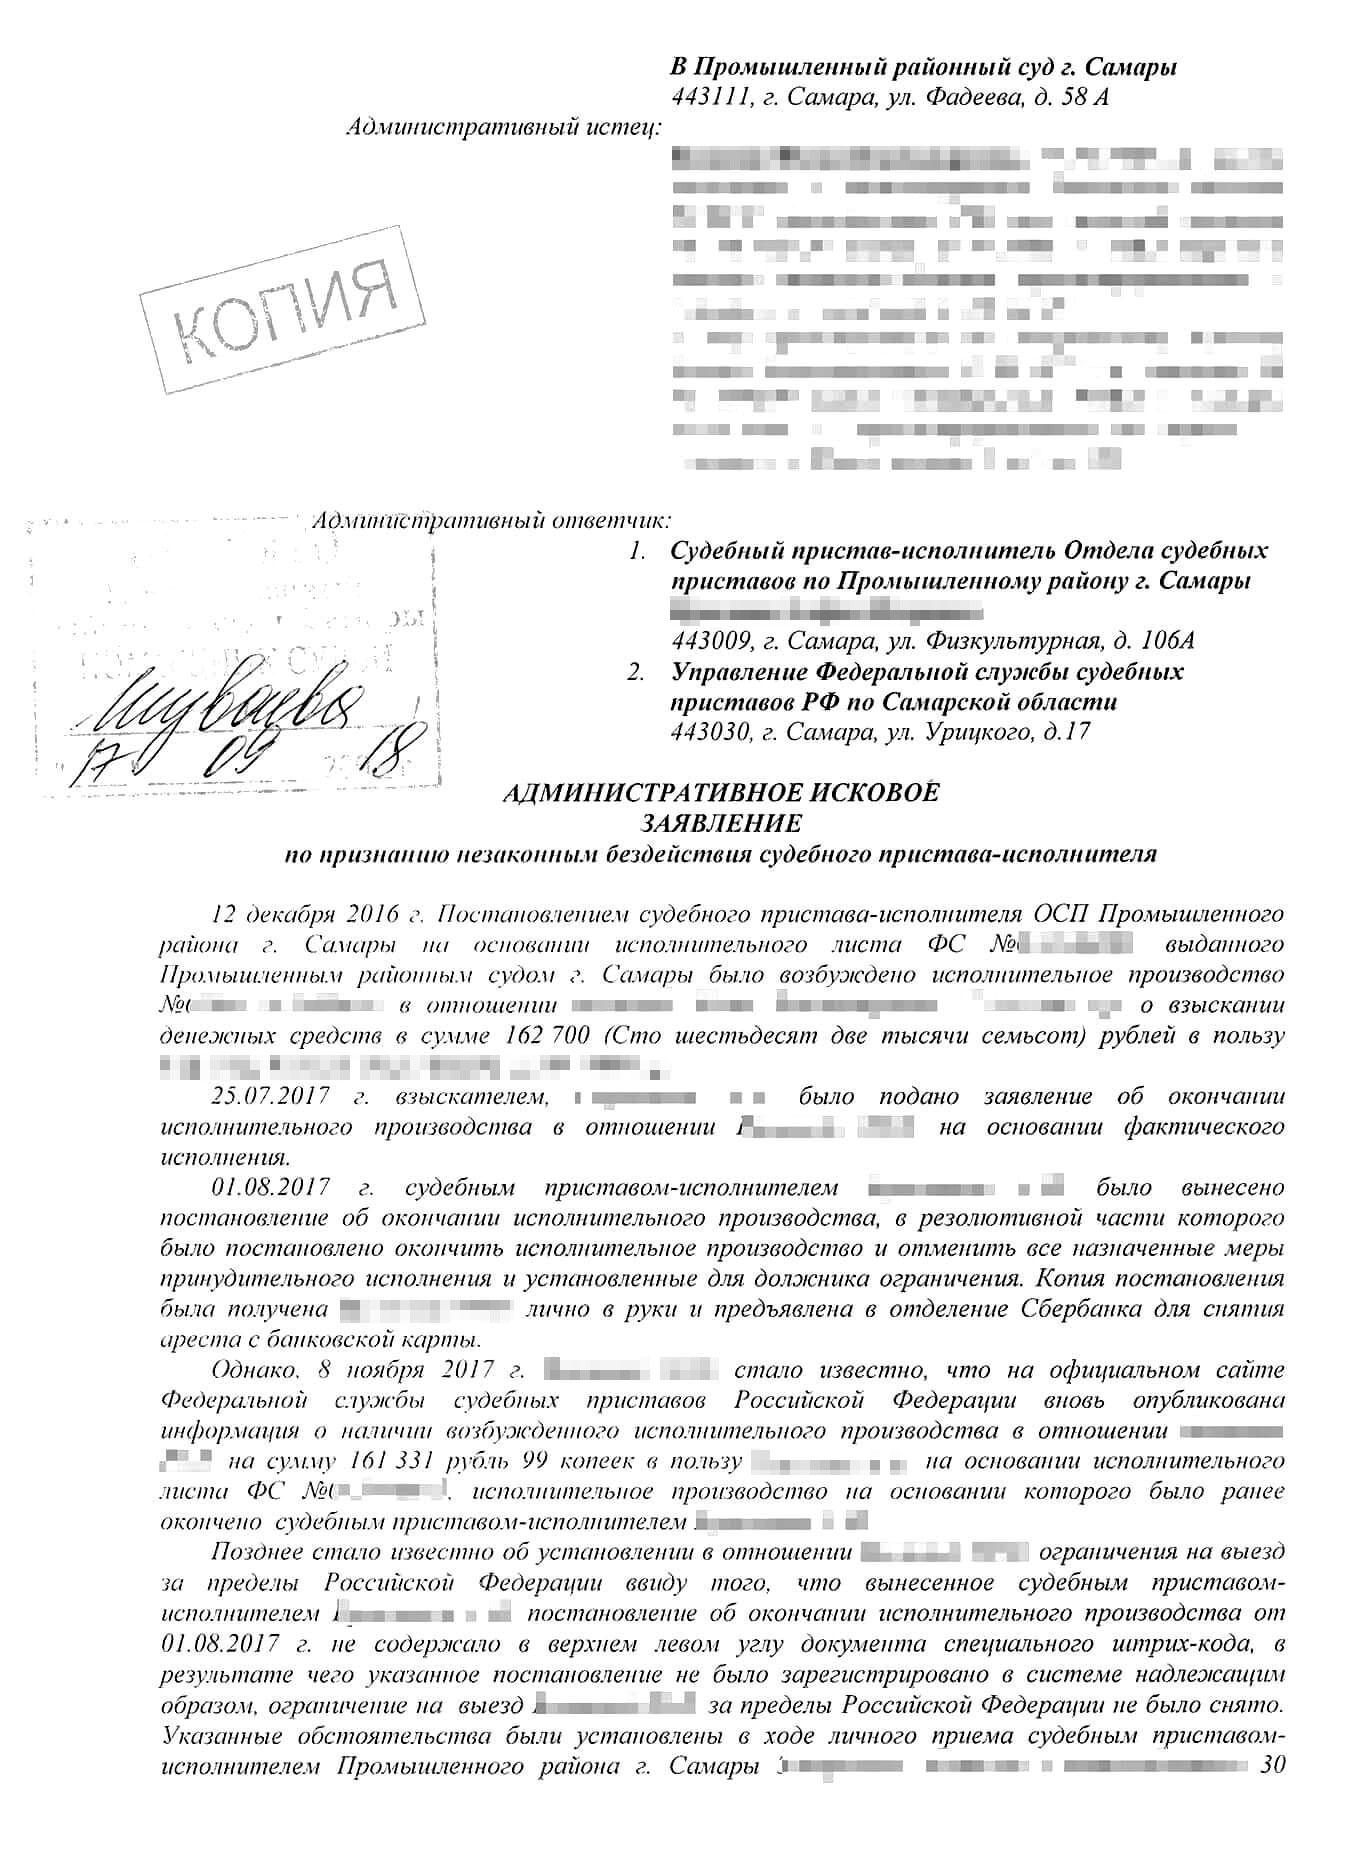 Административное исковое заявление Юлии на незаконные действия пристава